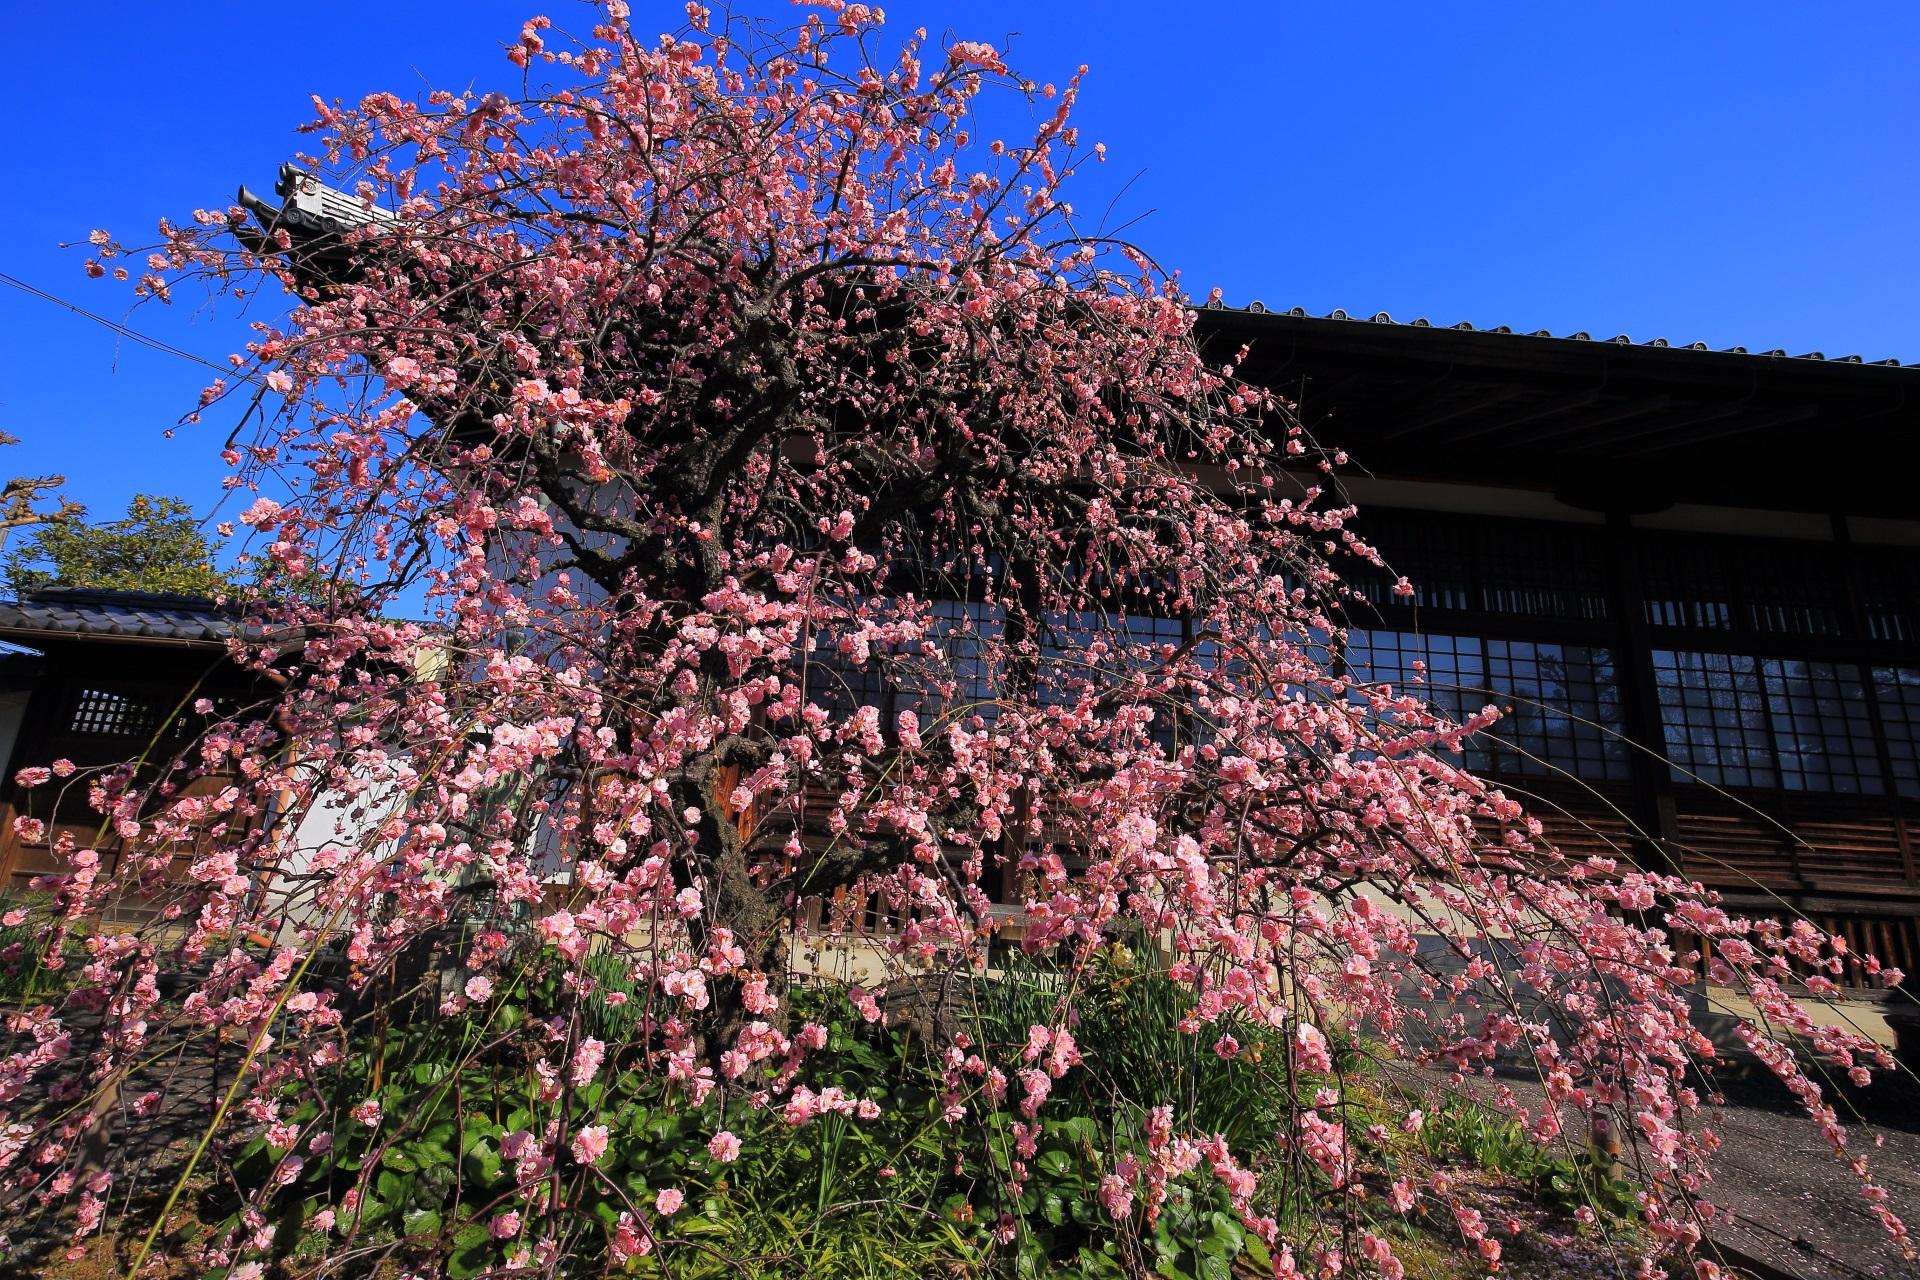 祐正寺の素晴らしい梅の花と春先の情景に感謝